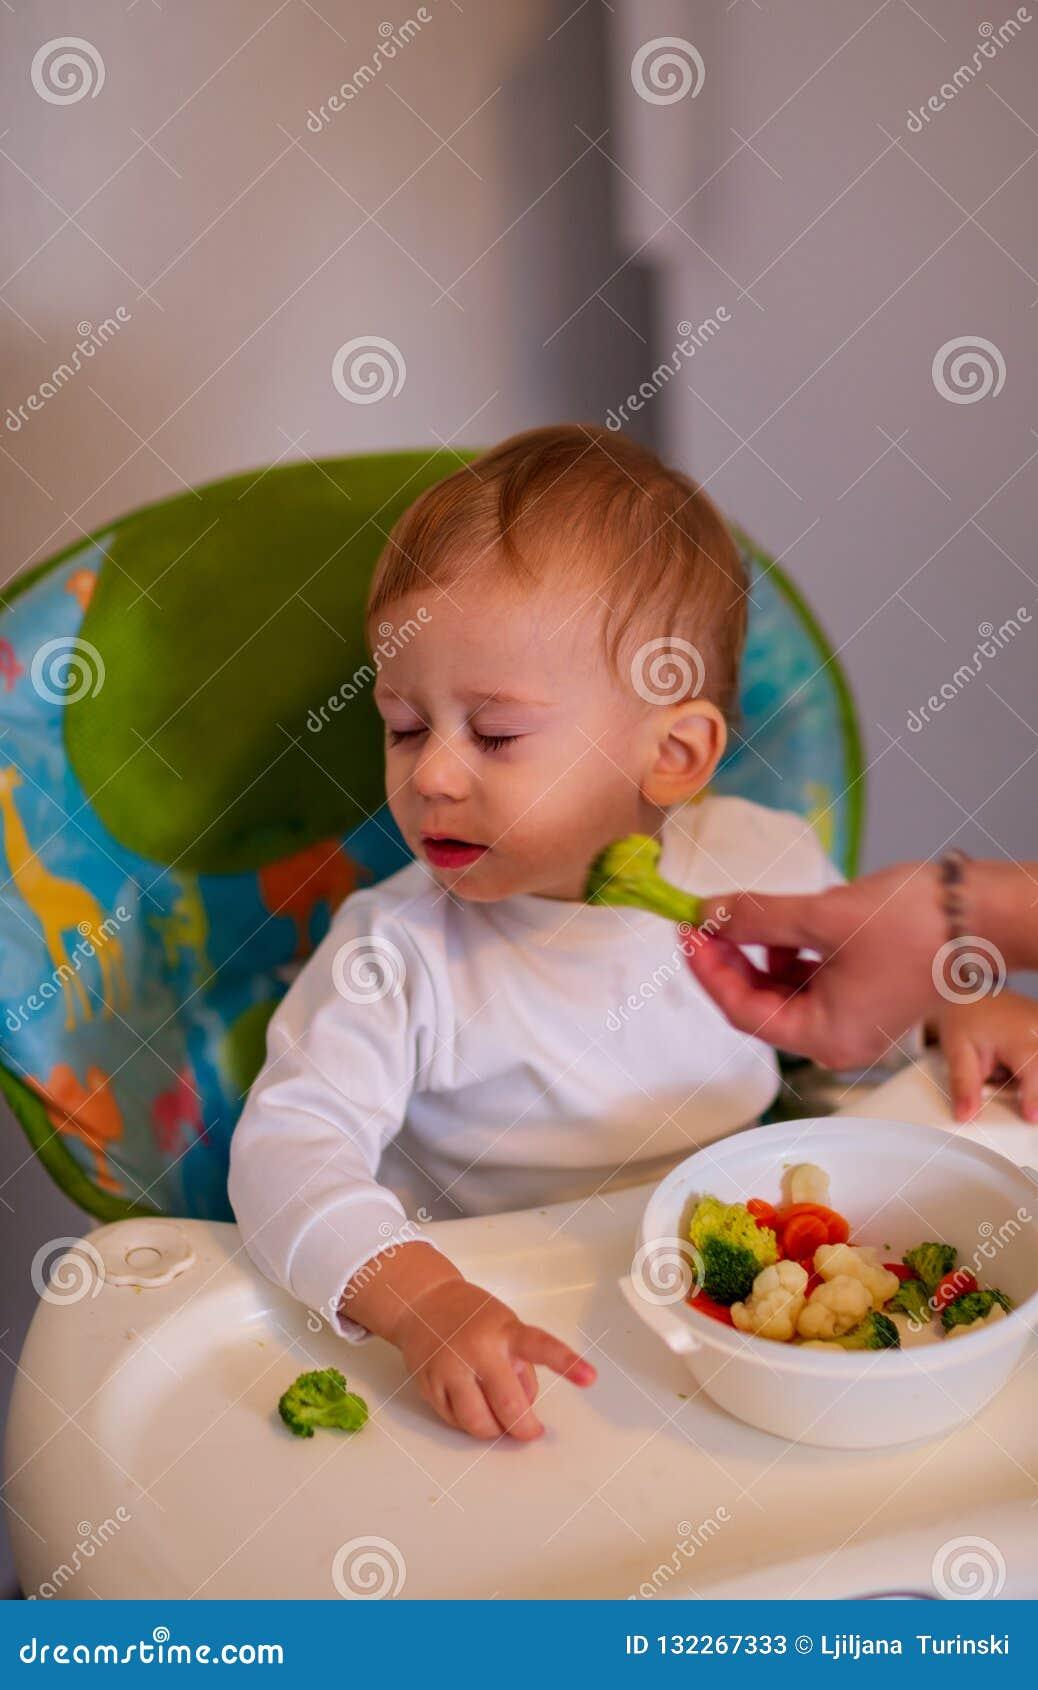 Fütterungsbaby mit Gemüse - schönes Baby lehnt ab, broc zu essen